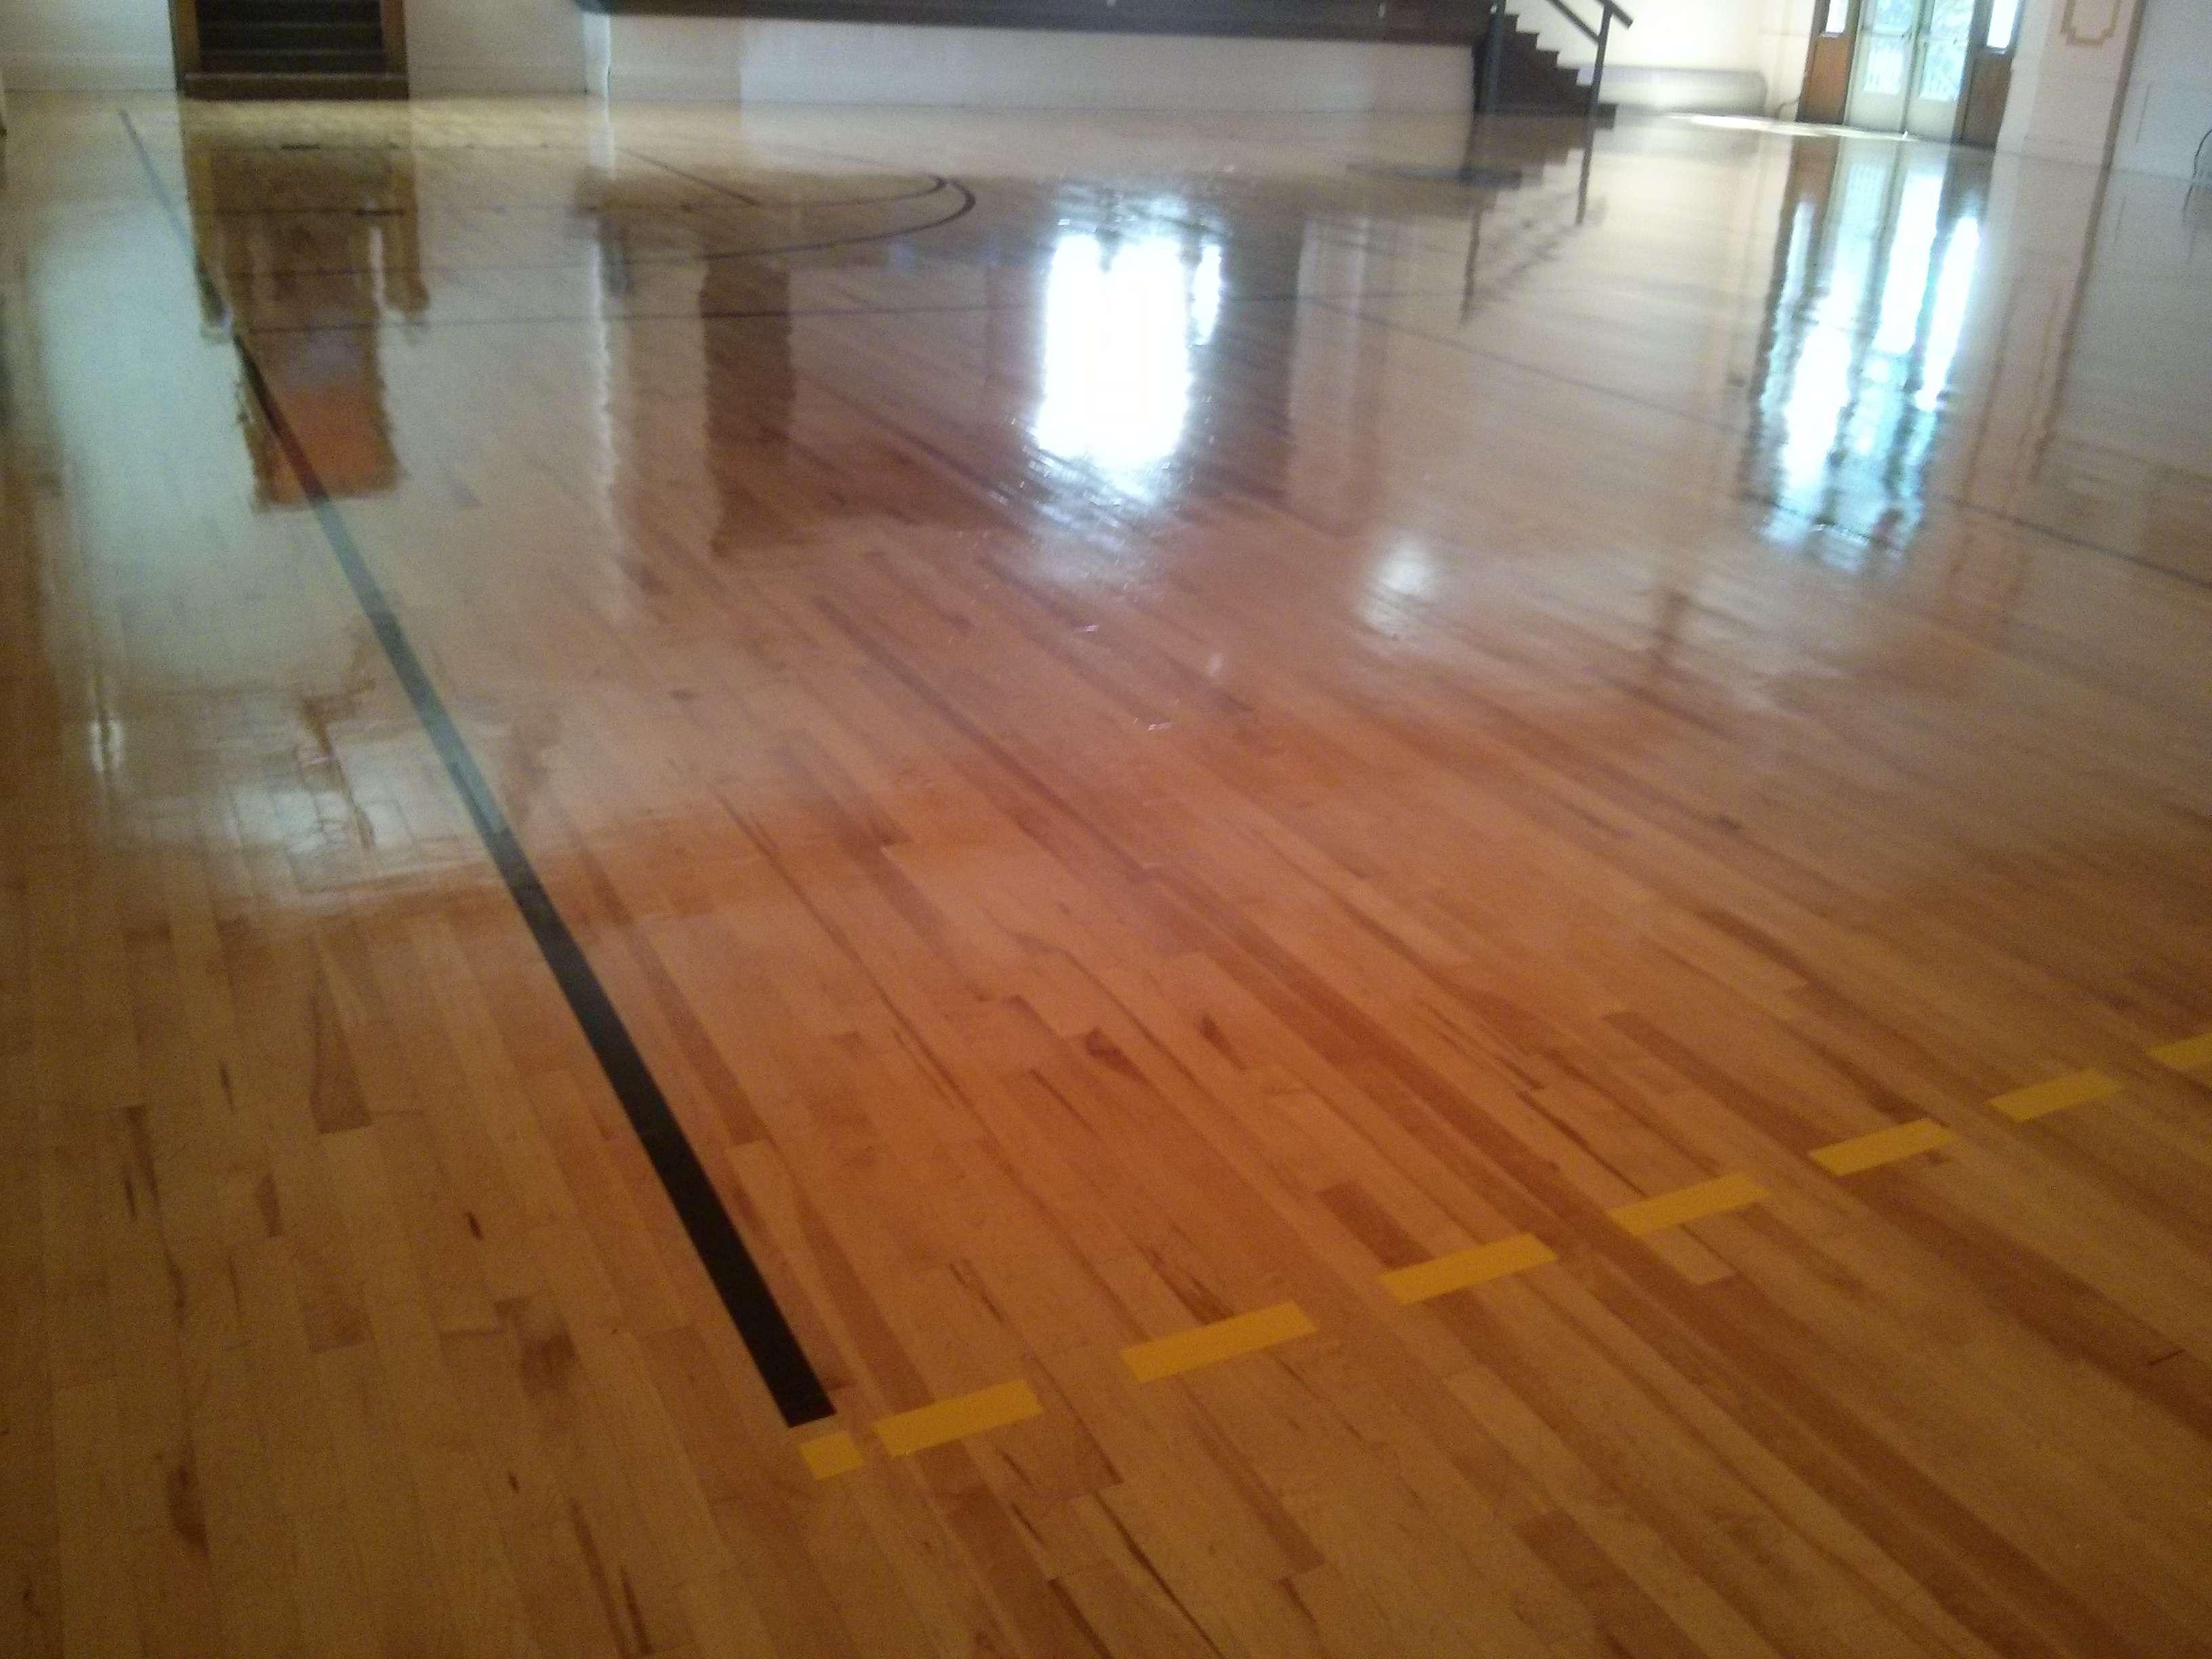 Wood gym floor coatings Minneapolis